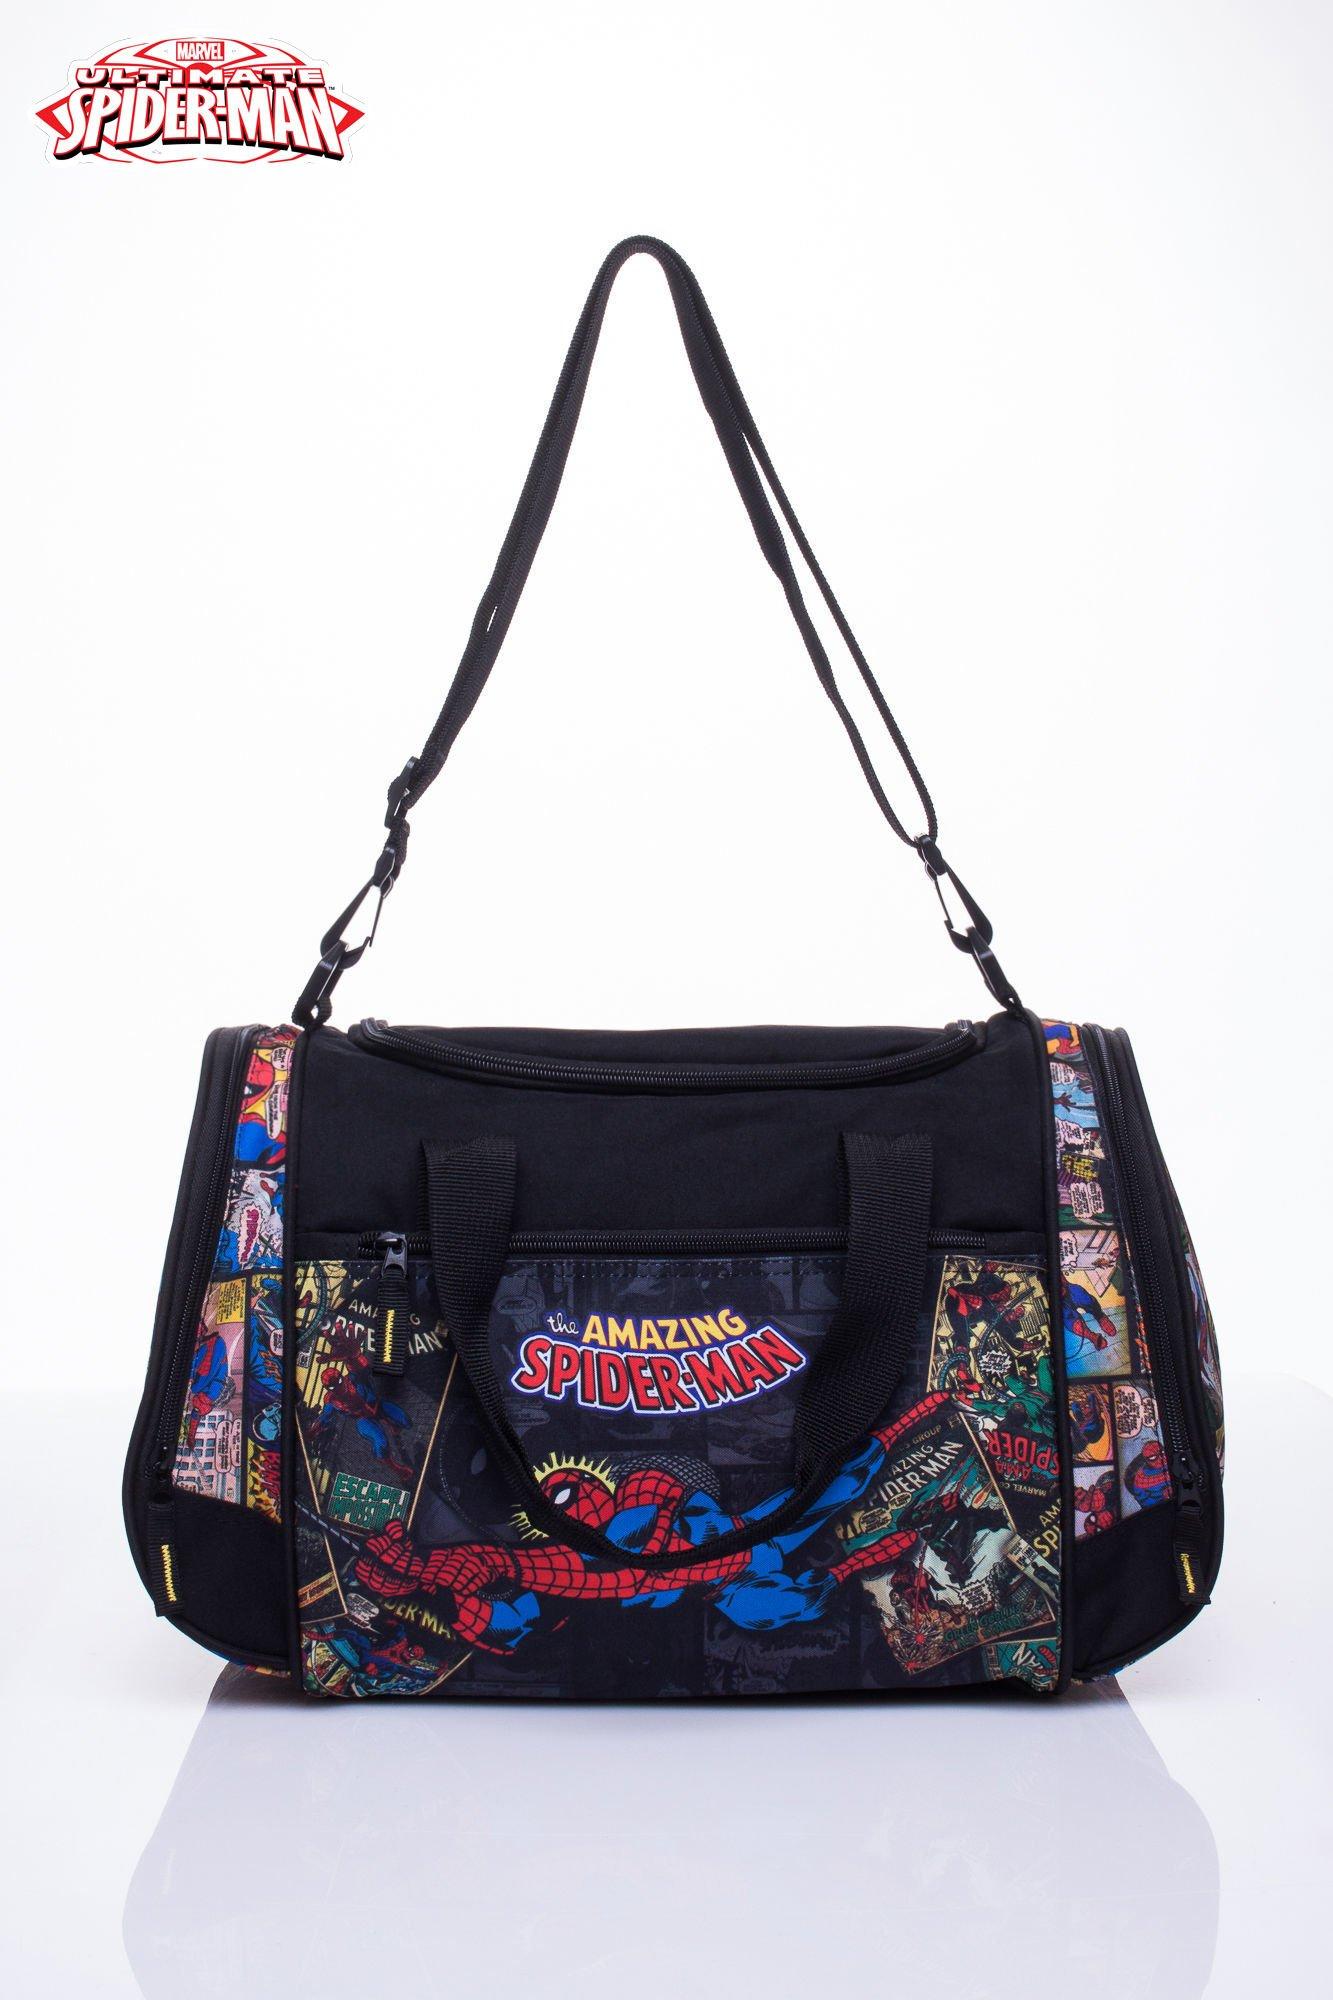 Czarna torba sportowa MARVEL SpiderMan                                  zdj.                                  1